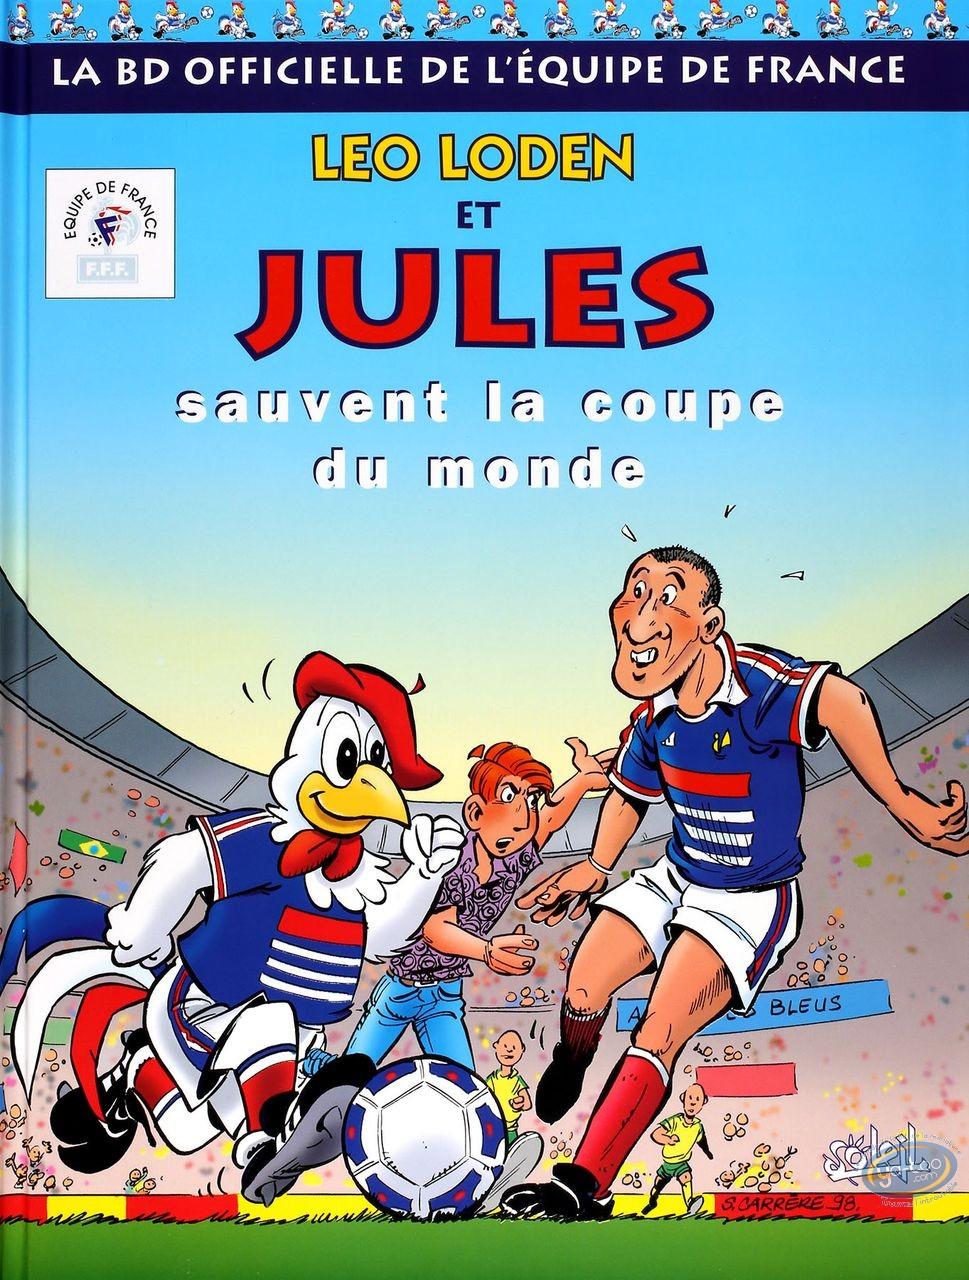 BD occasion, Léo Loden : Leo Loden et Jules sauvent la coupe du monde